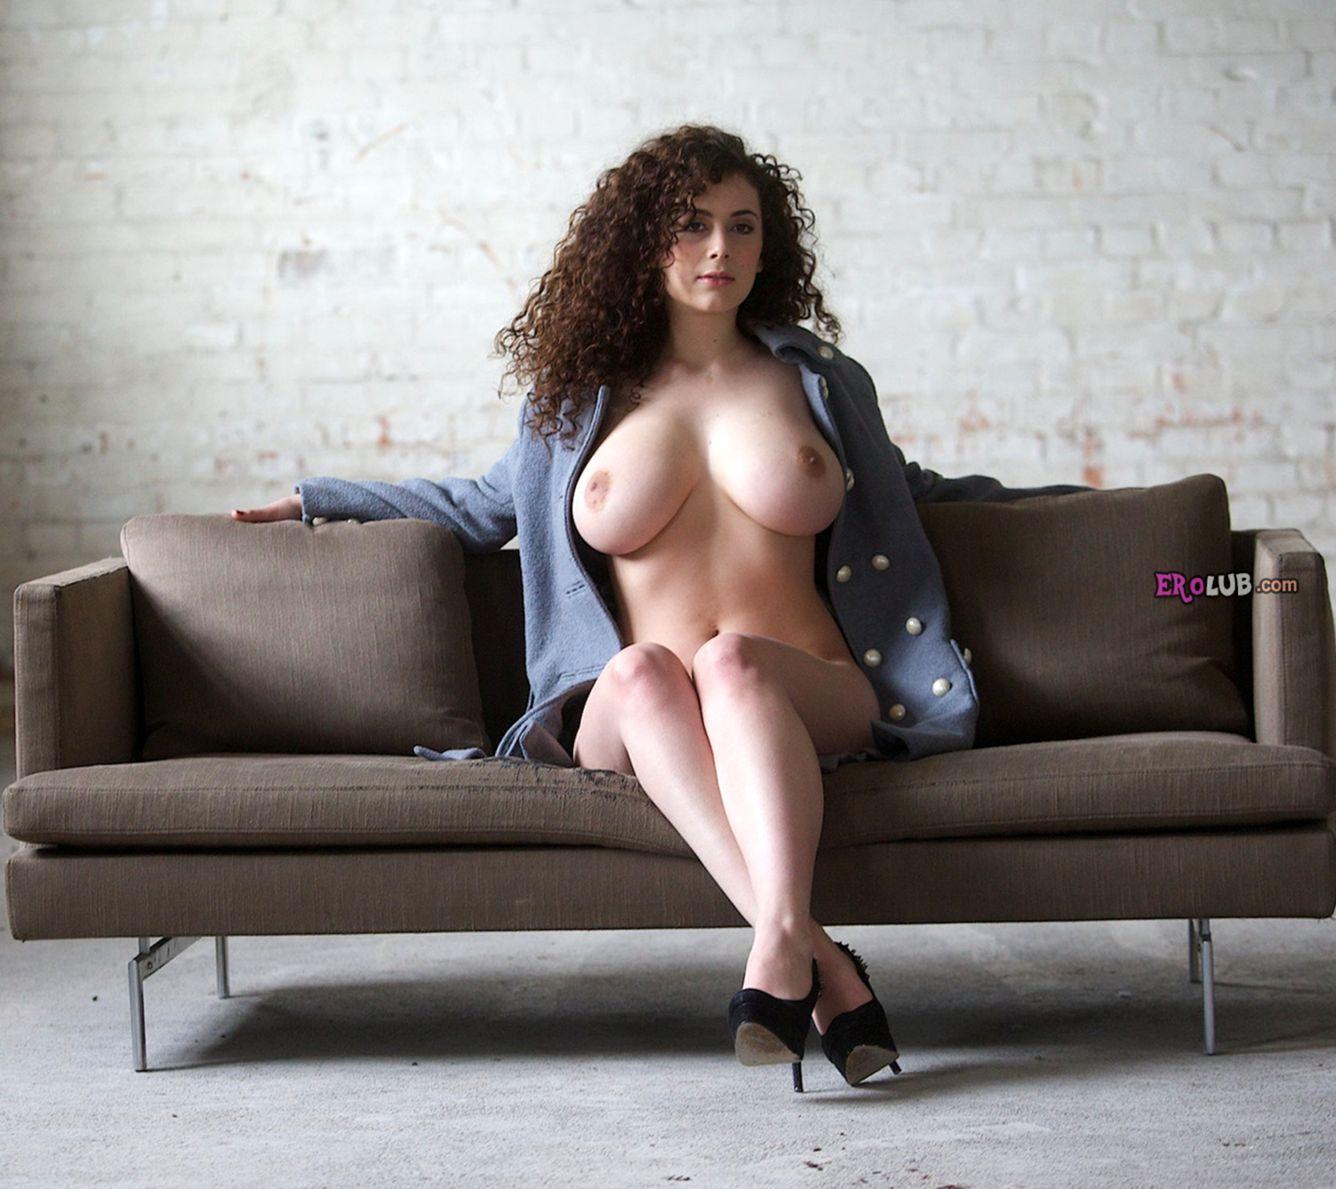 порно онлайн большие молочные сиськи